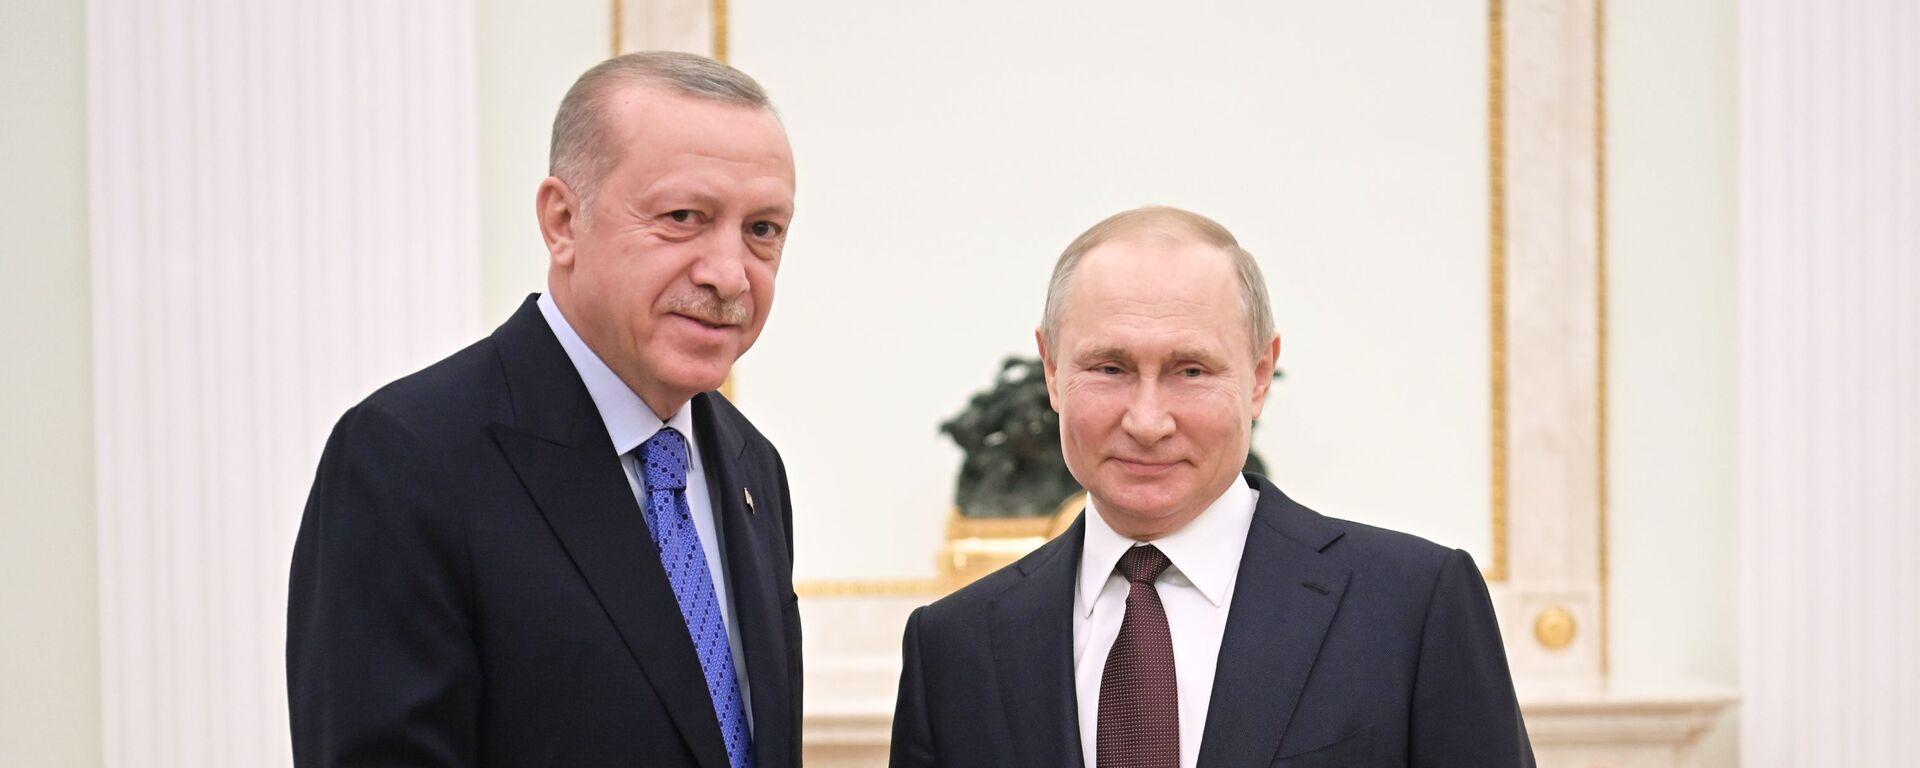 Президент РФ В. Путин встретился с президентом Турции Р. Эрдоганом - Sputnik Тоҷикистон, 1920, 30.09.2021